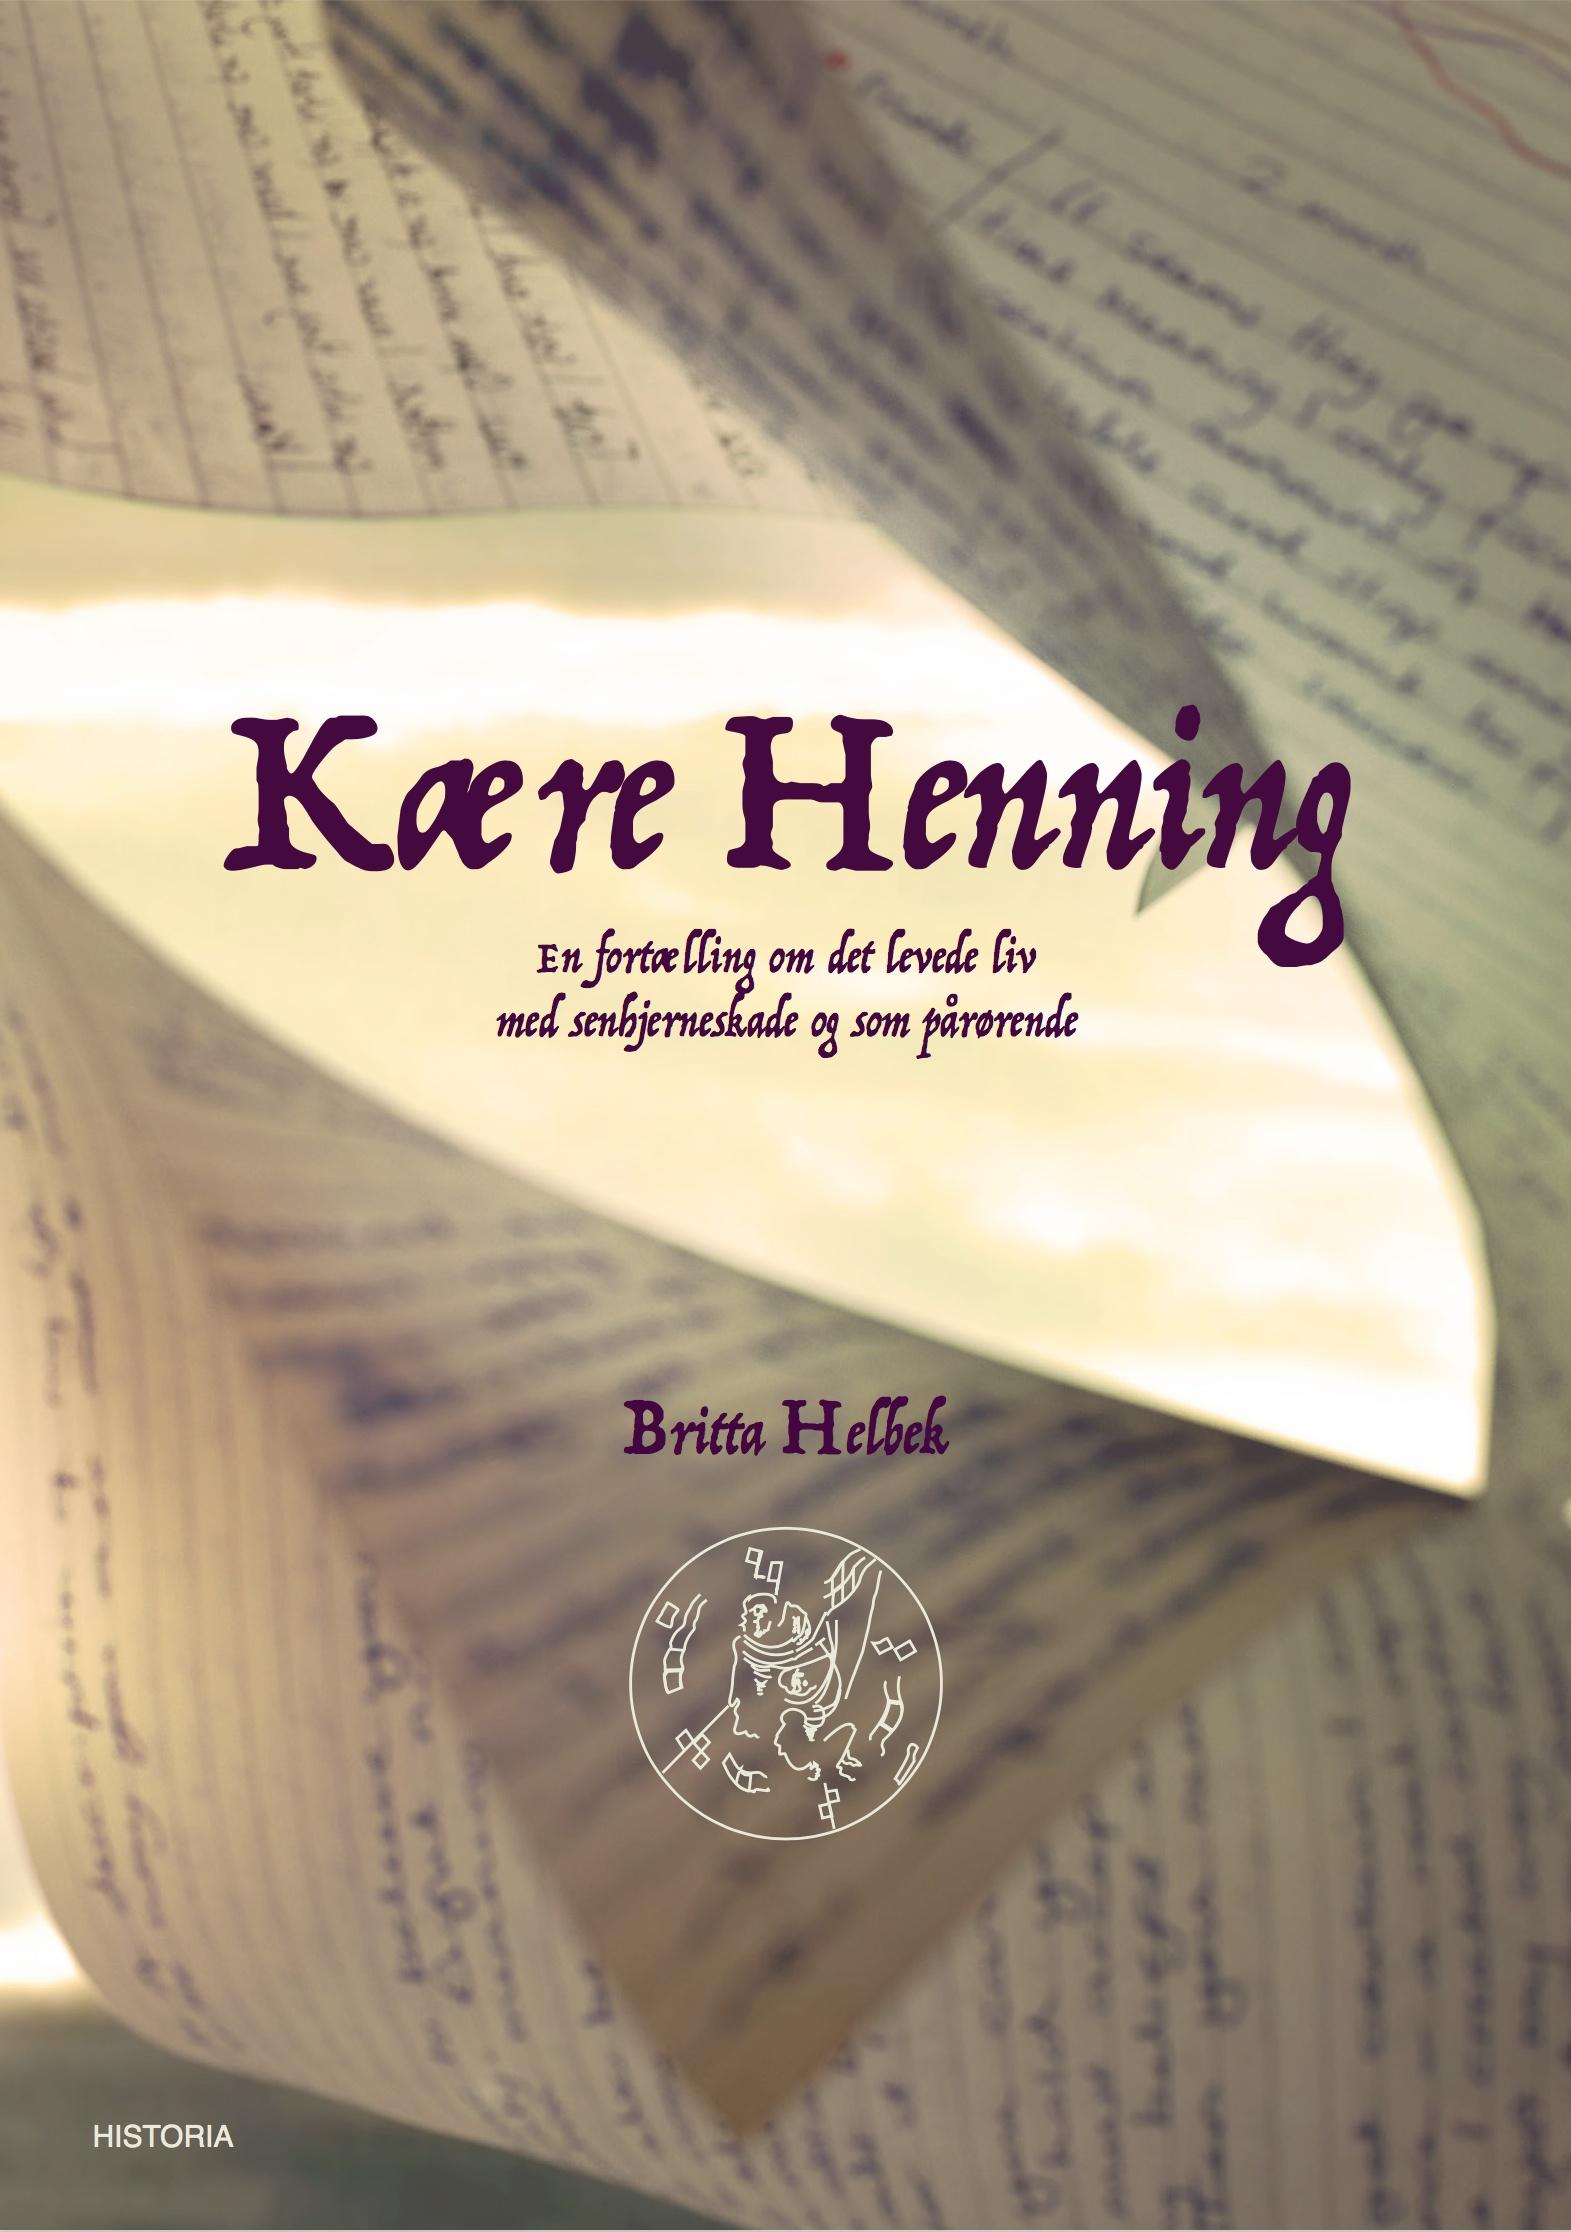 Kære Henning